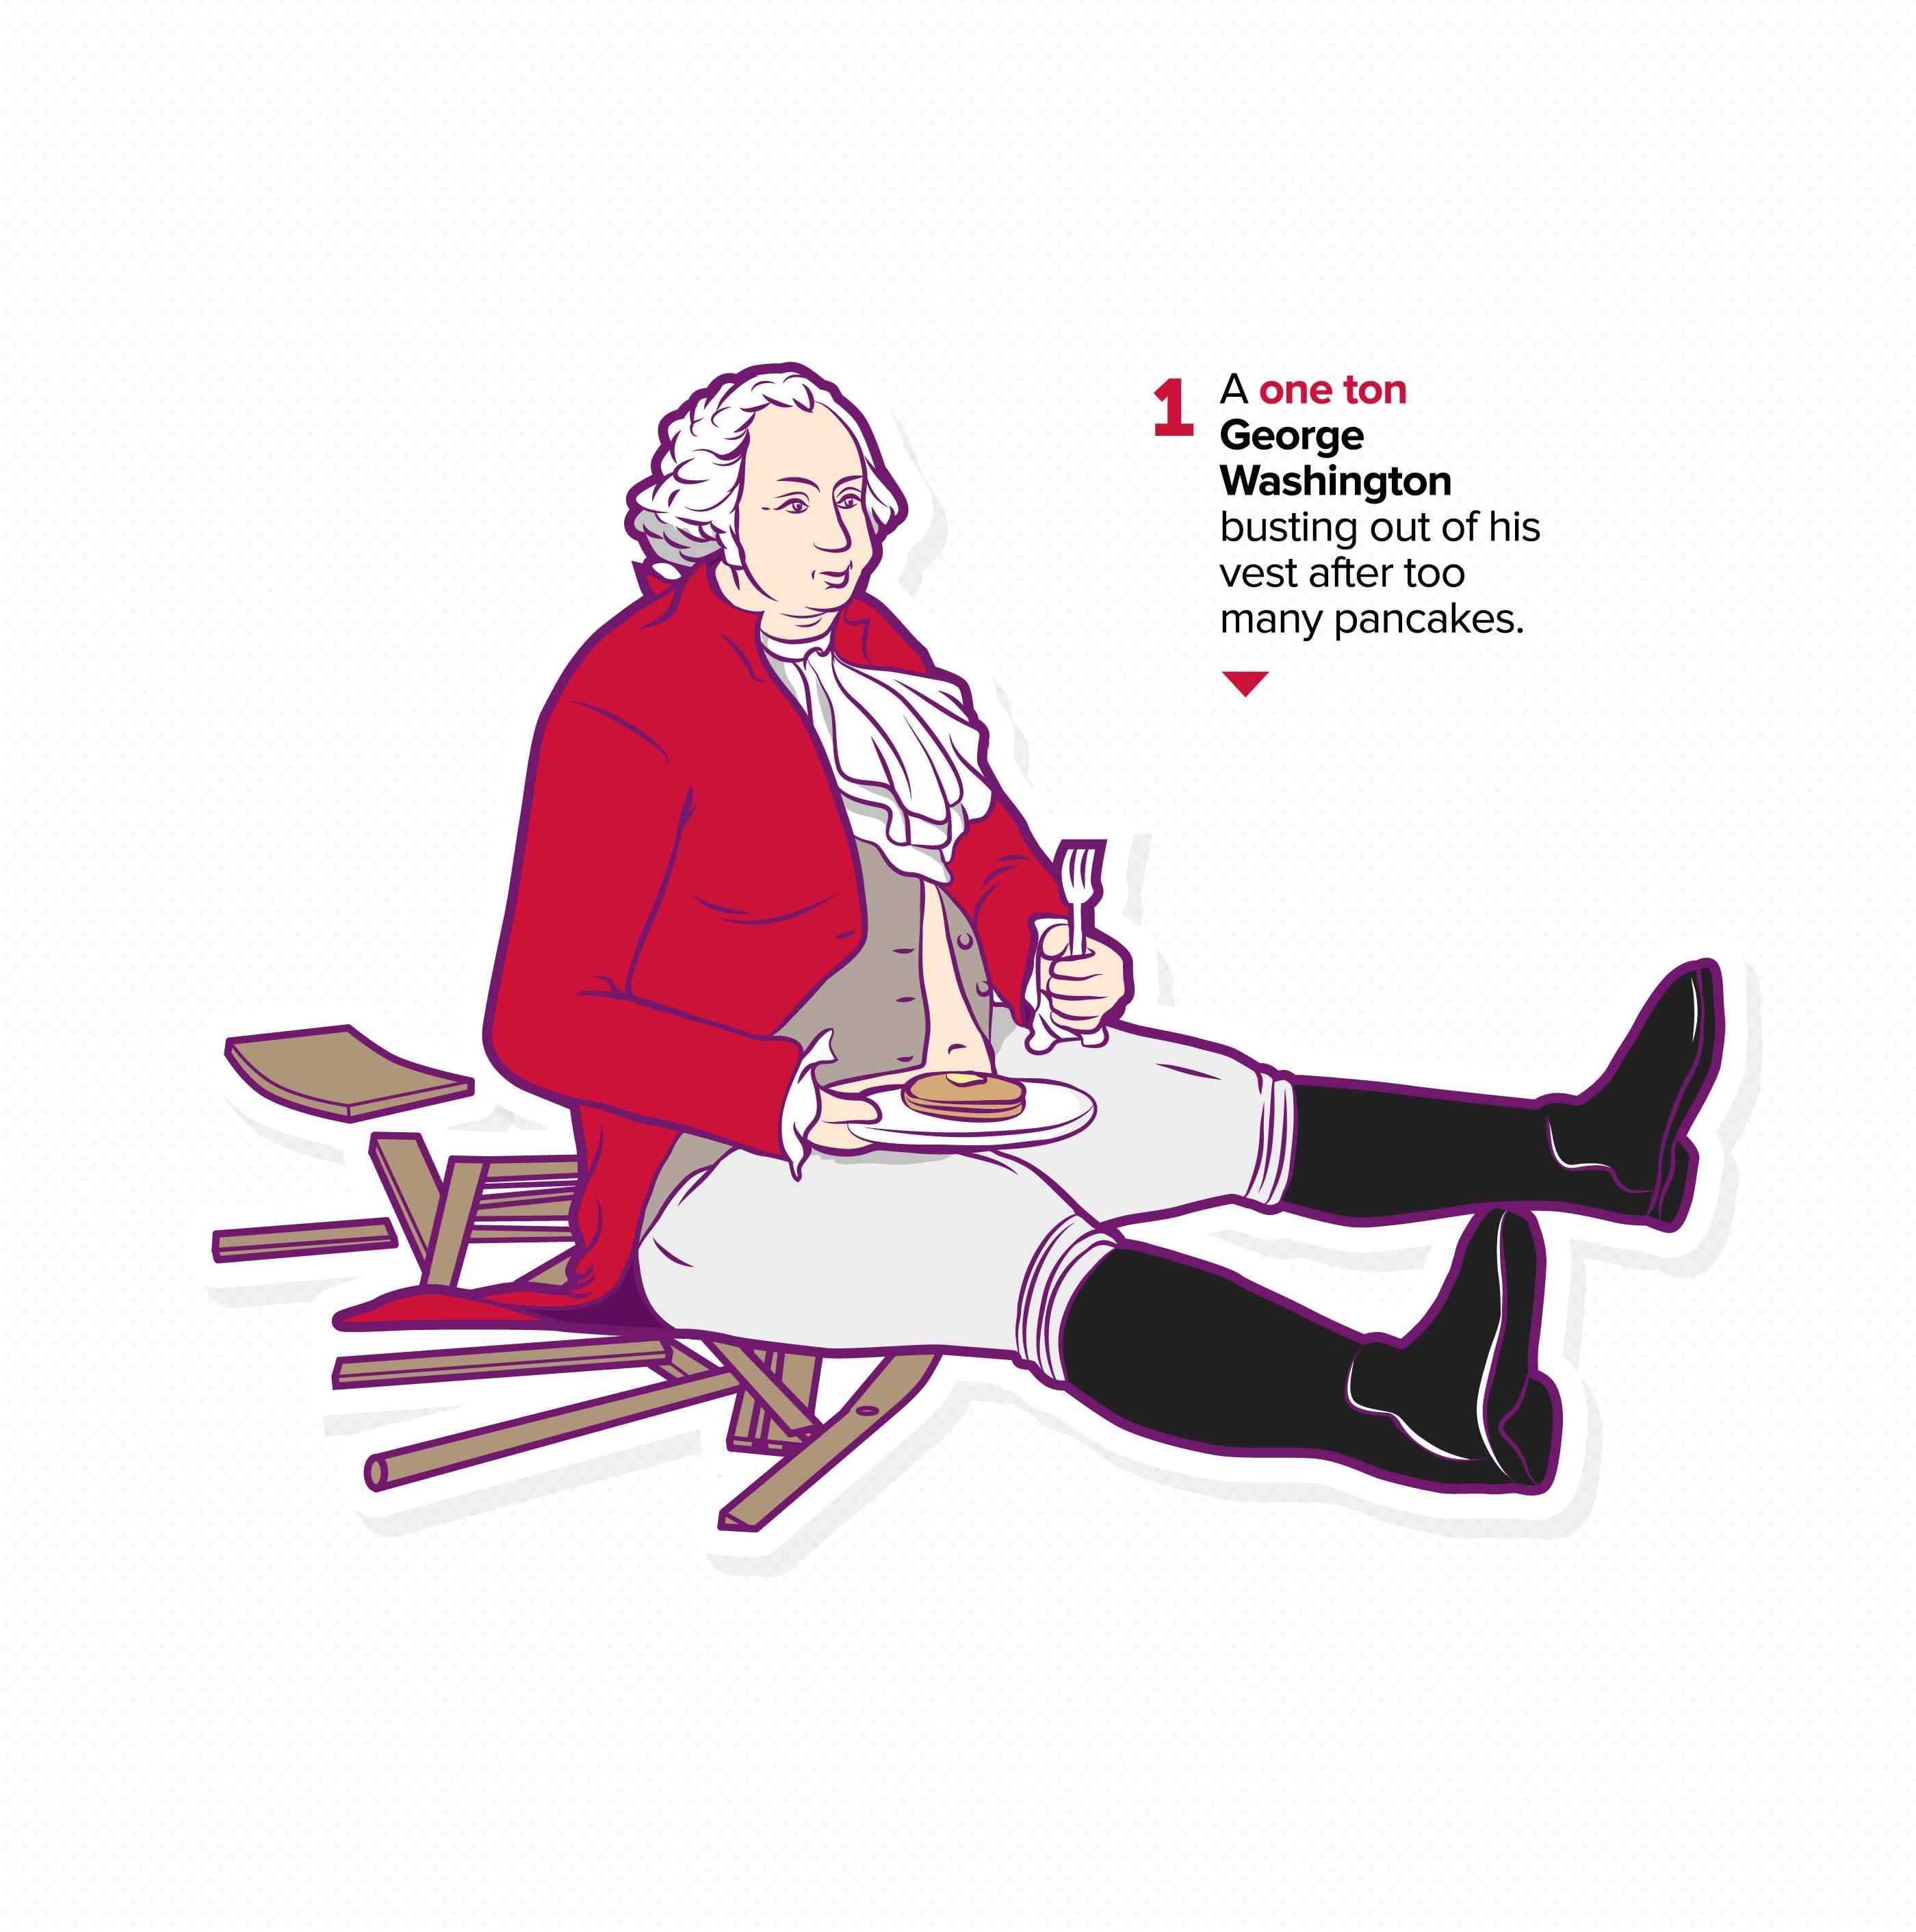 Virgin Mobile, Infographic Detail, George Washington eating pancakes